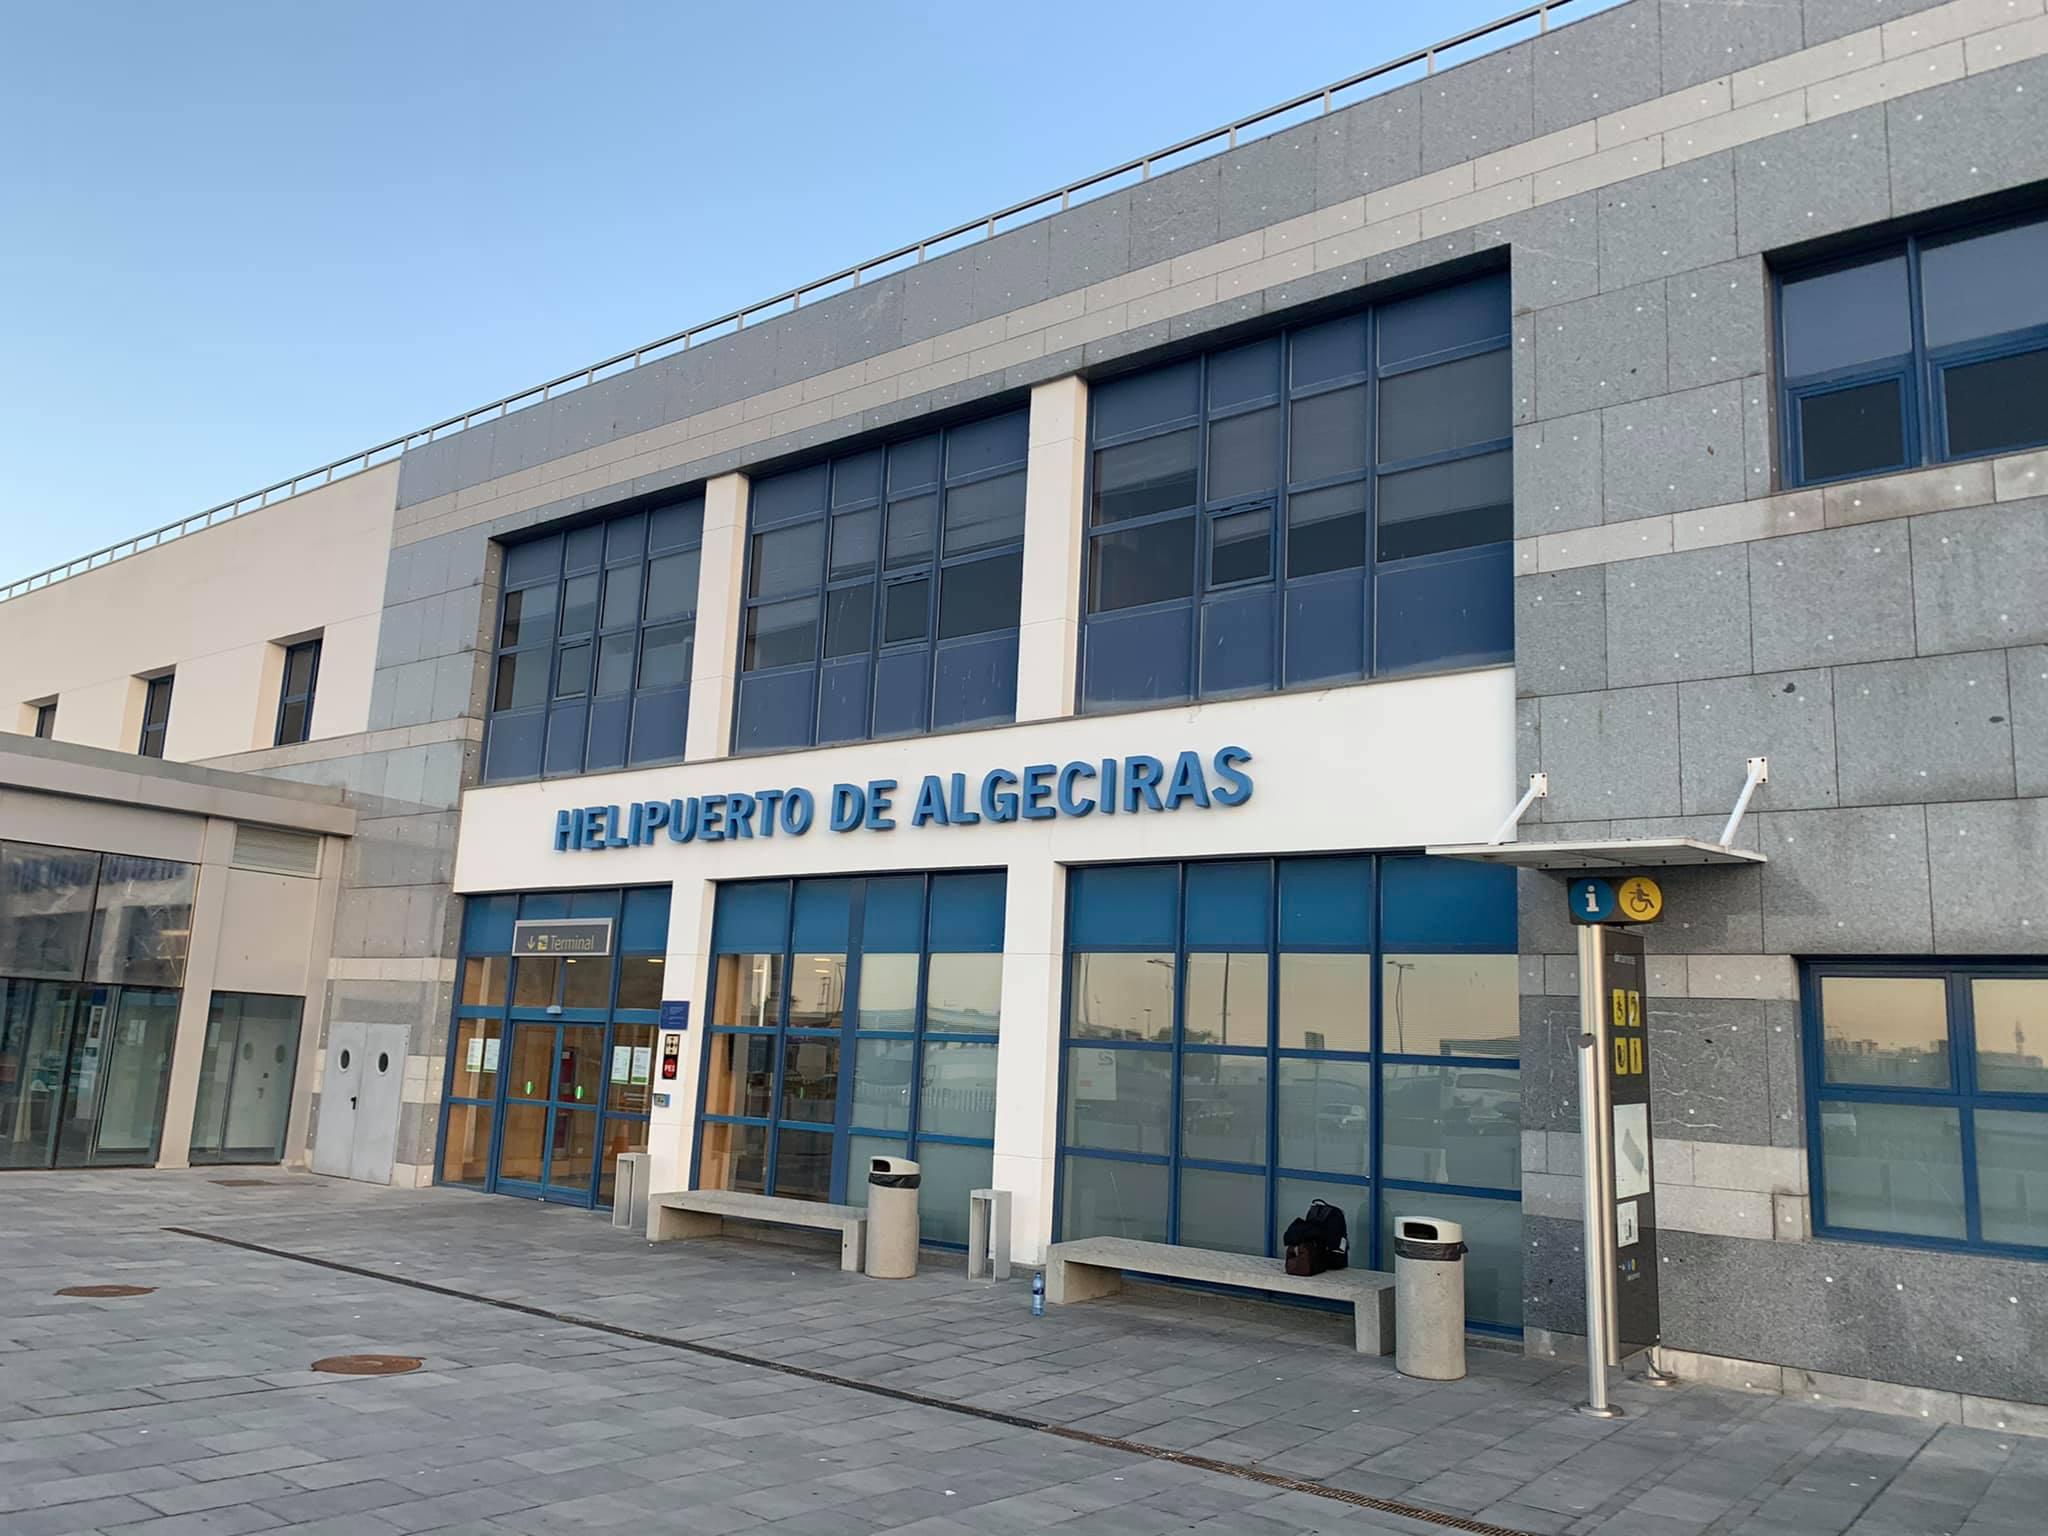 Algeciras-porto-11-1-2020---(15)